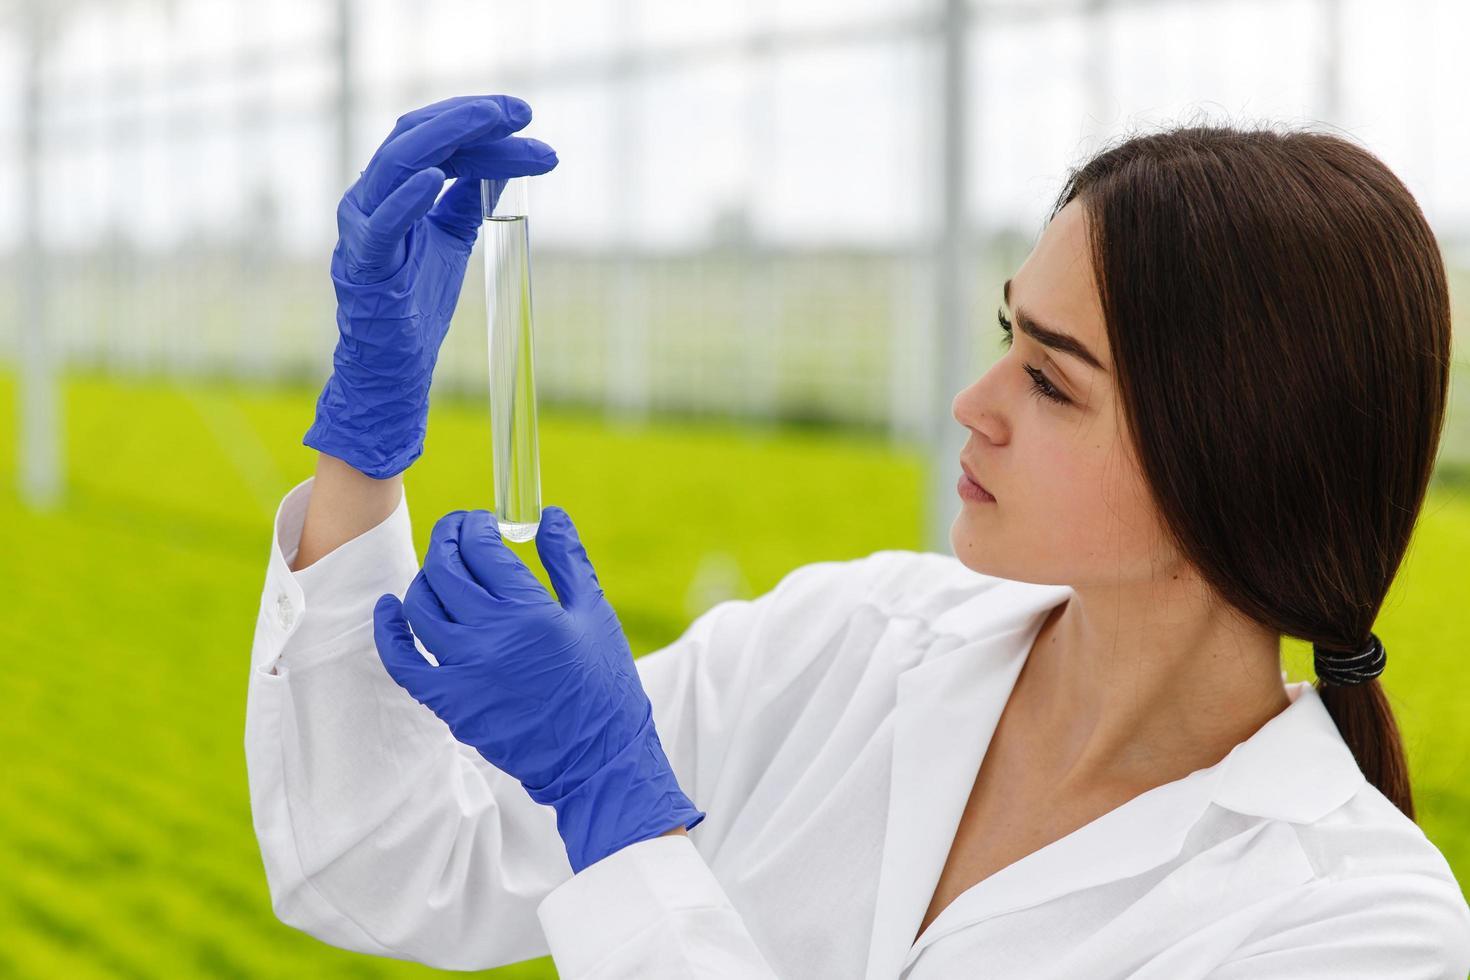 chercheuse tient un tube de verre photo